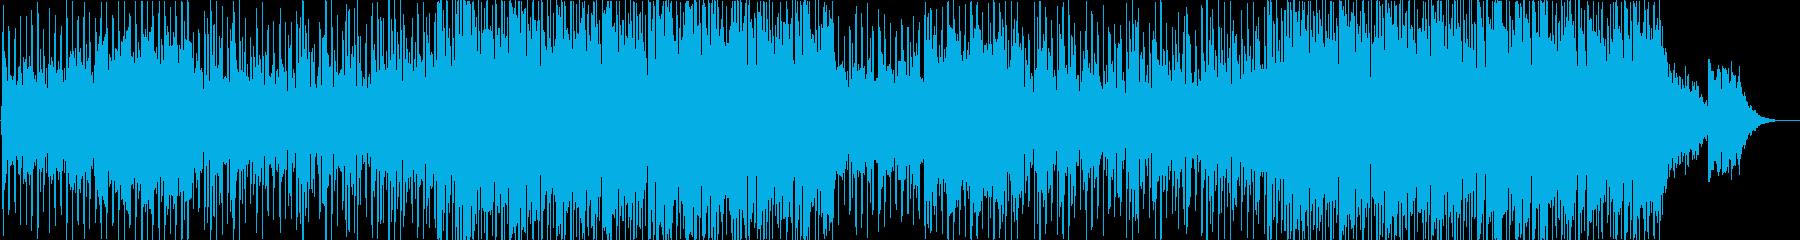 穏やかなコンテンポラリー・カントリーの再生済みの波形